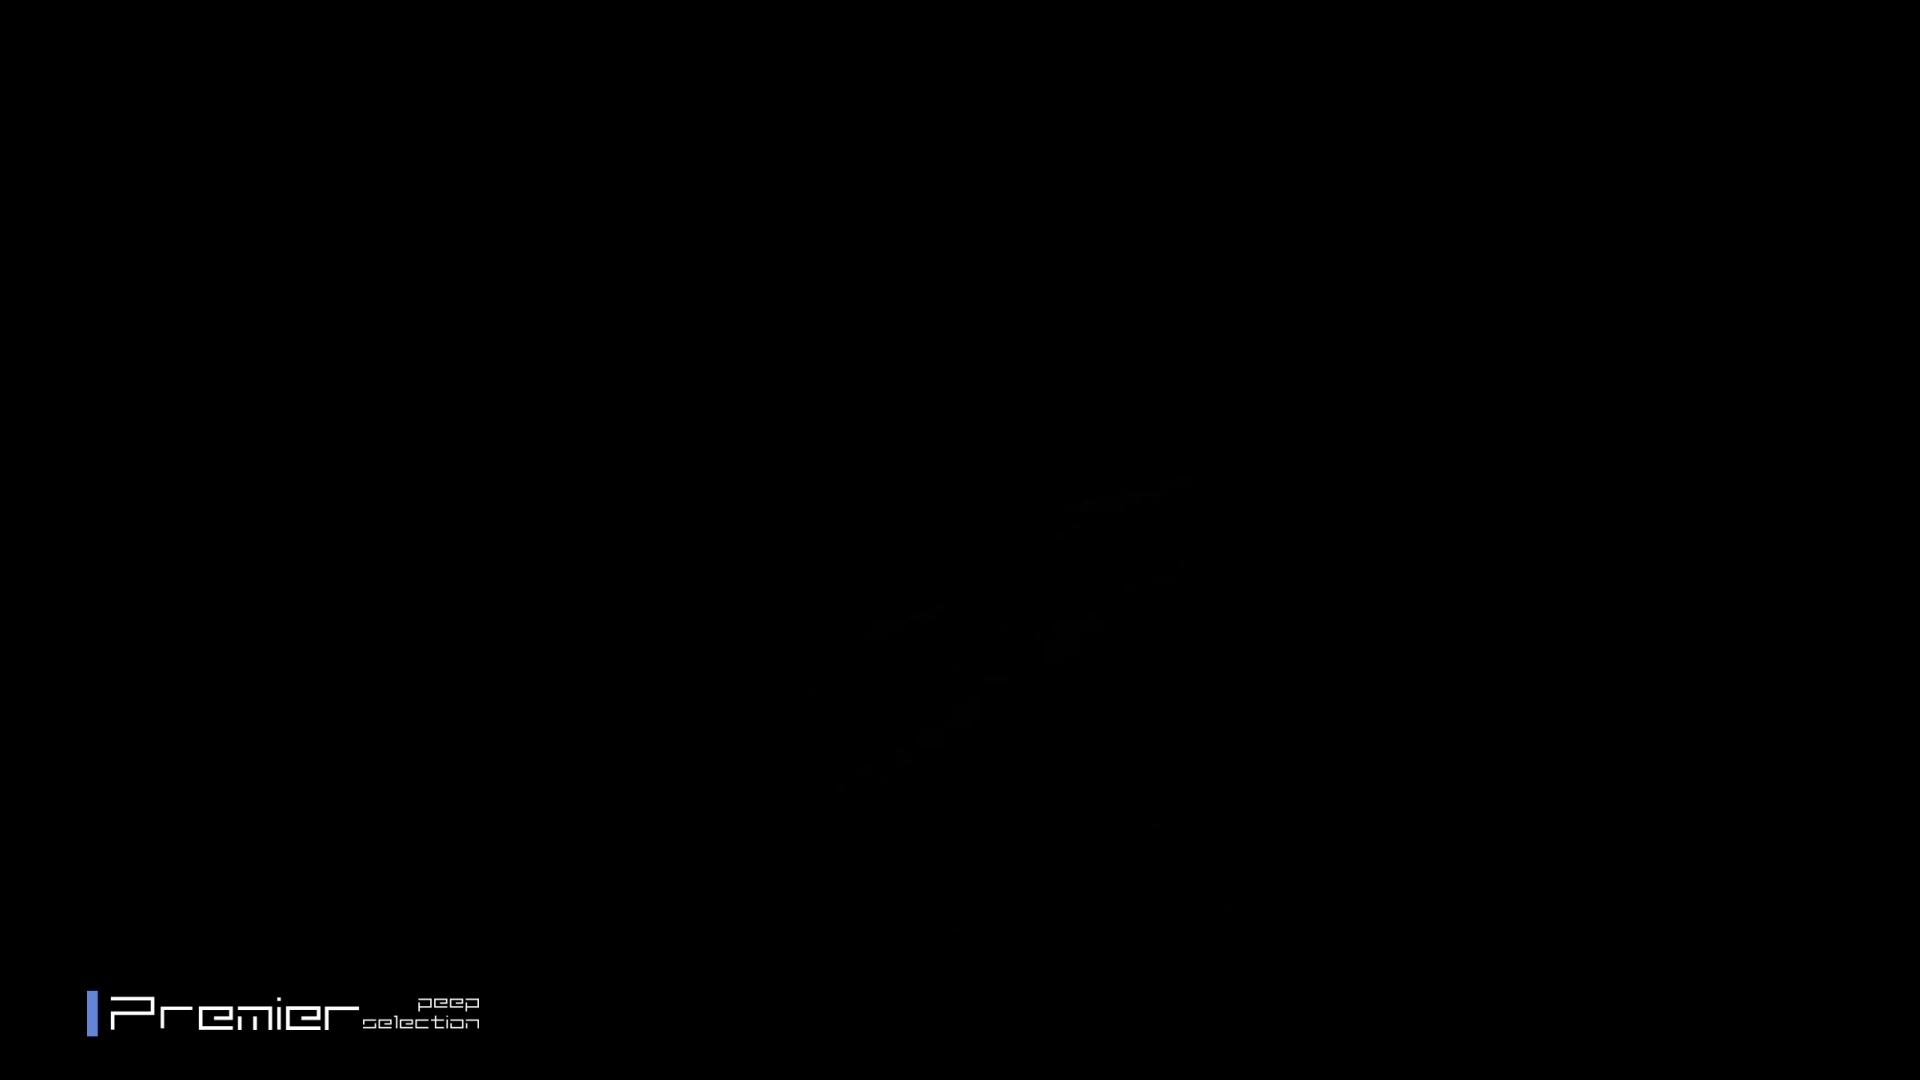 窓越しのエロい風景 美女達の私生活に潜入! 高画質 | 潜入エロ調査  22連発 13